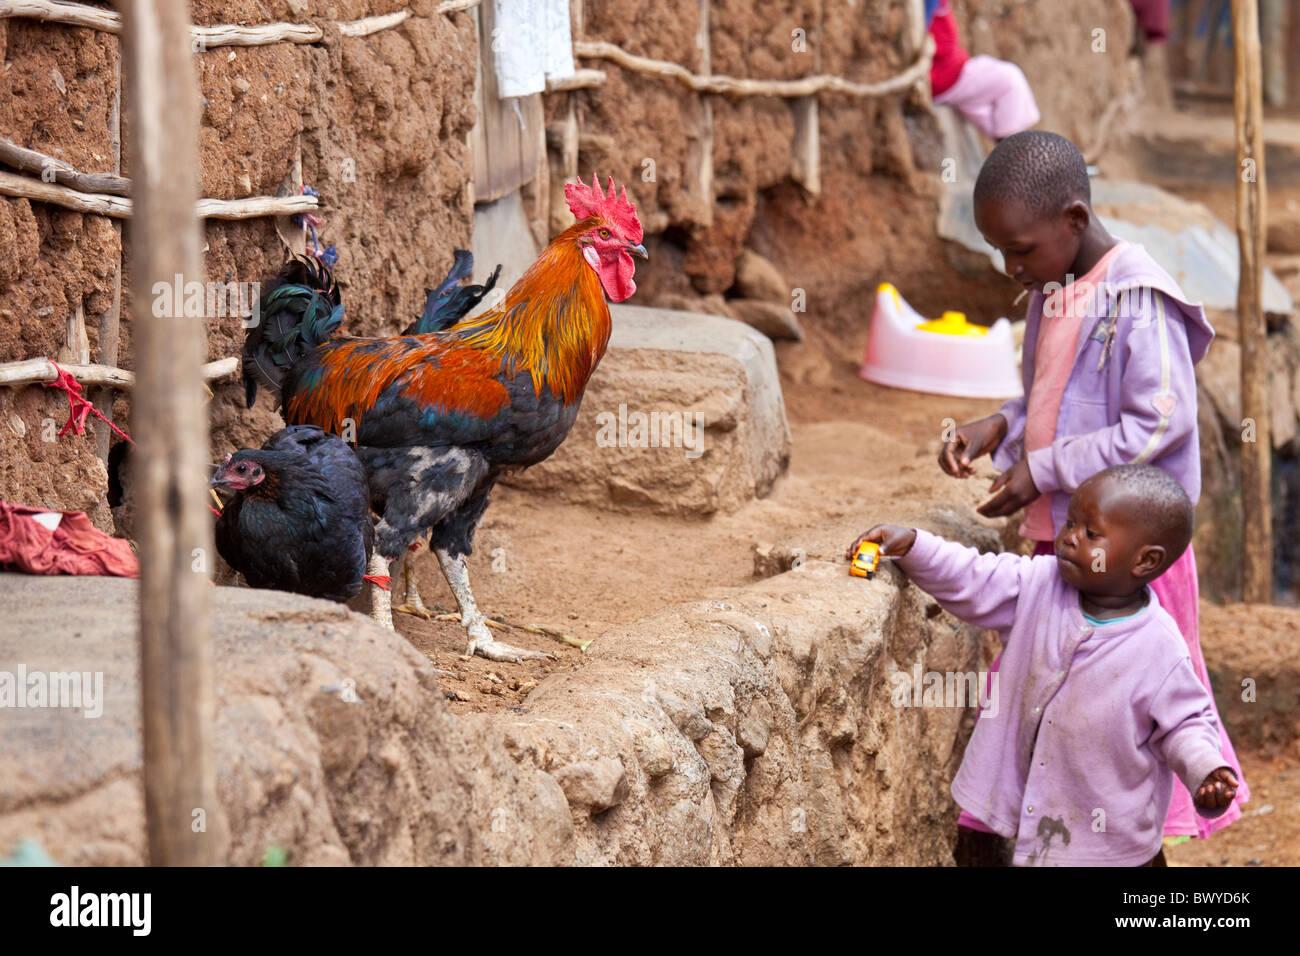 Rooster and girls playing in Kibera slums, Nairobi, Kenya - Stock Image